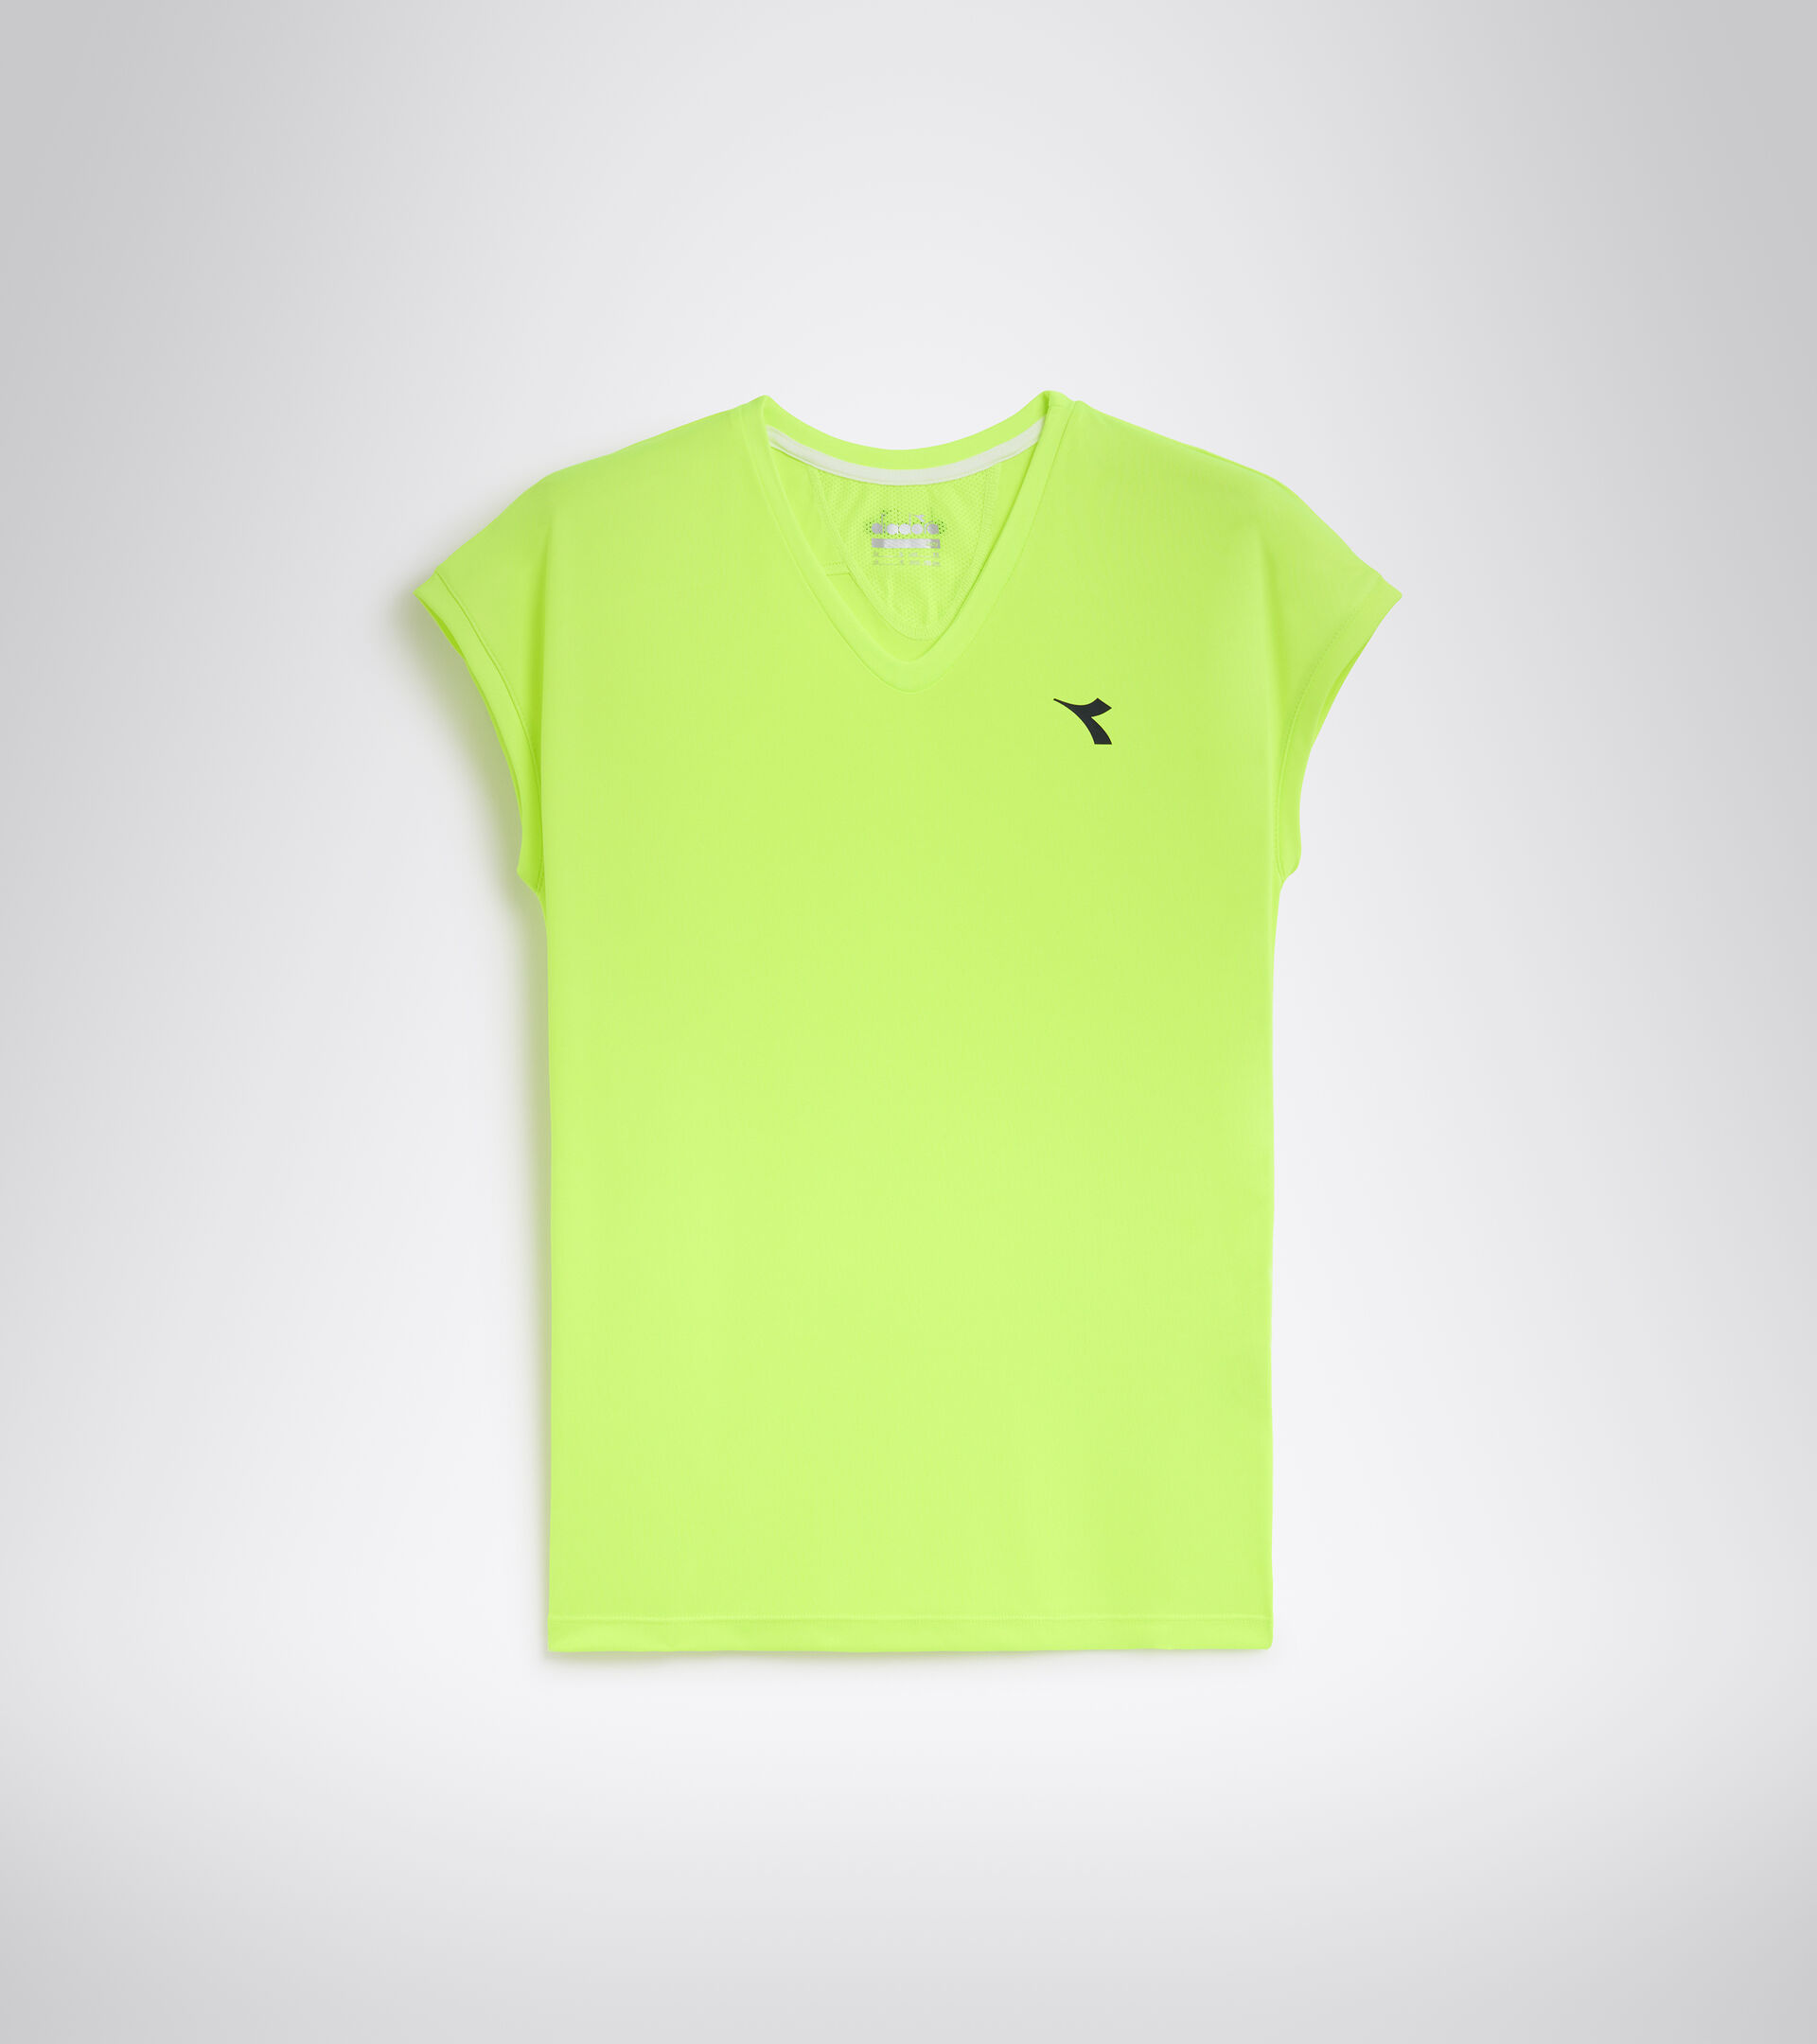 Camiseta de tenis - Mujer L. T-SHIRT TEAM AMARILLO FLUO DD - Diadora